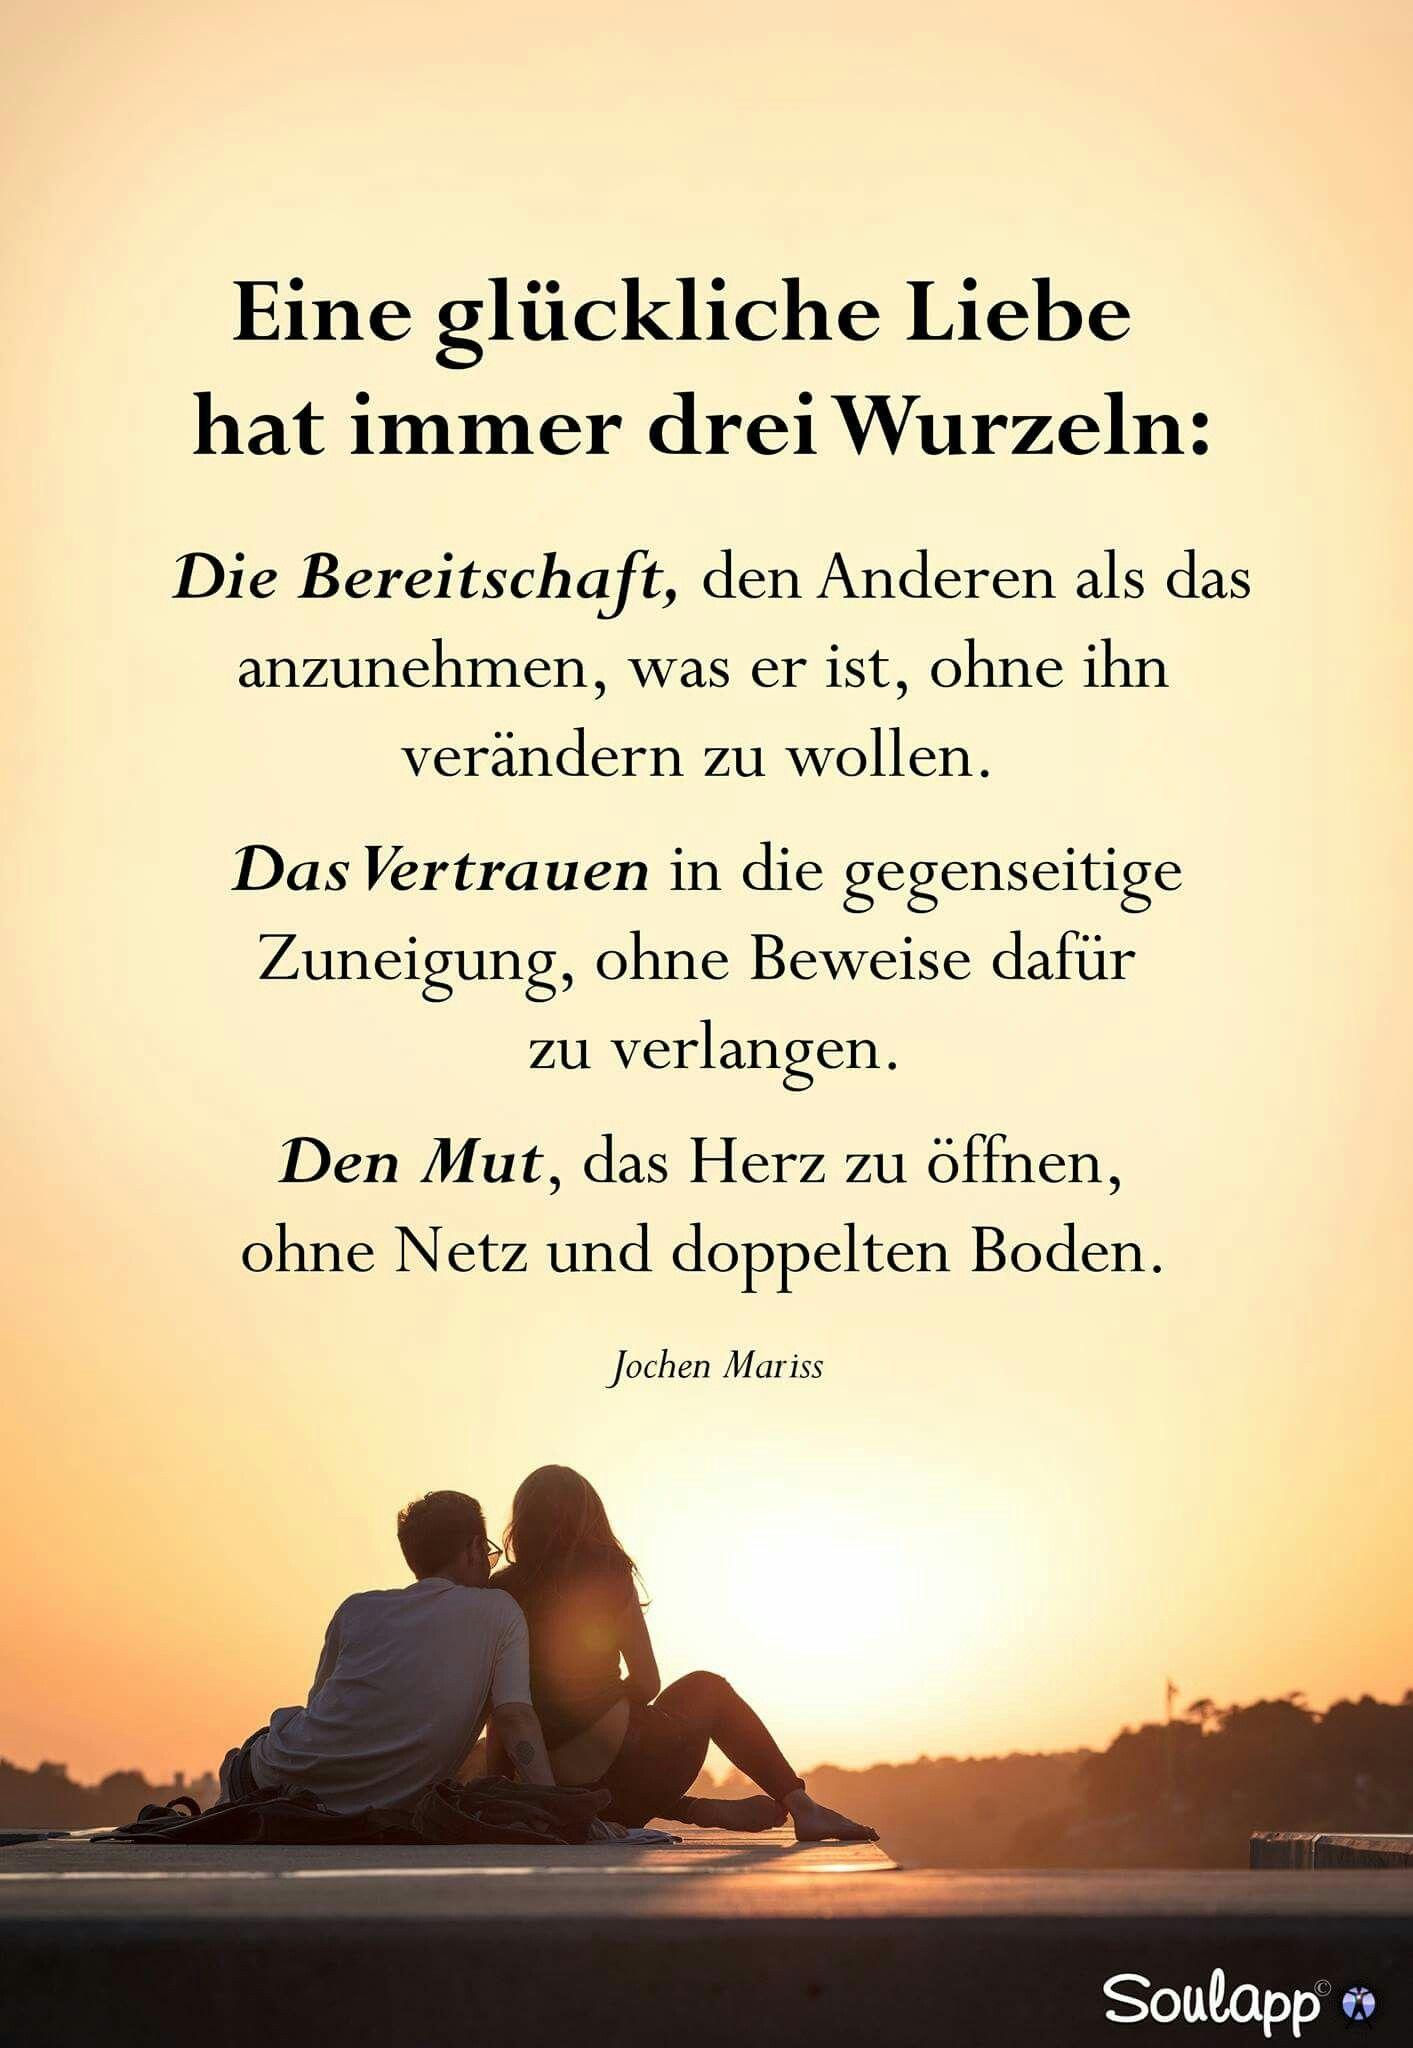 Pin Von Desiree Waldbillig Auf Sprichworter Zitate Spruche Spruche Hochzeit Gedichte Und Spruche